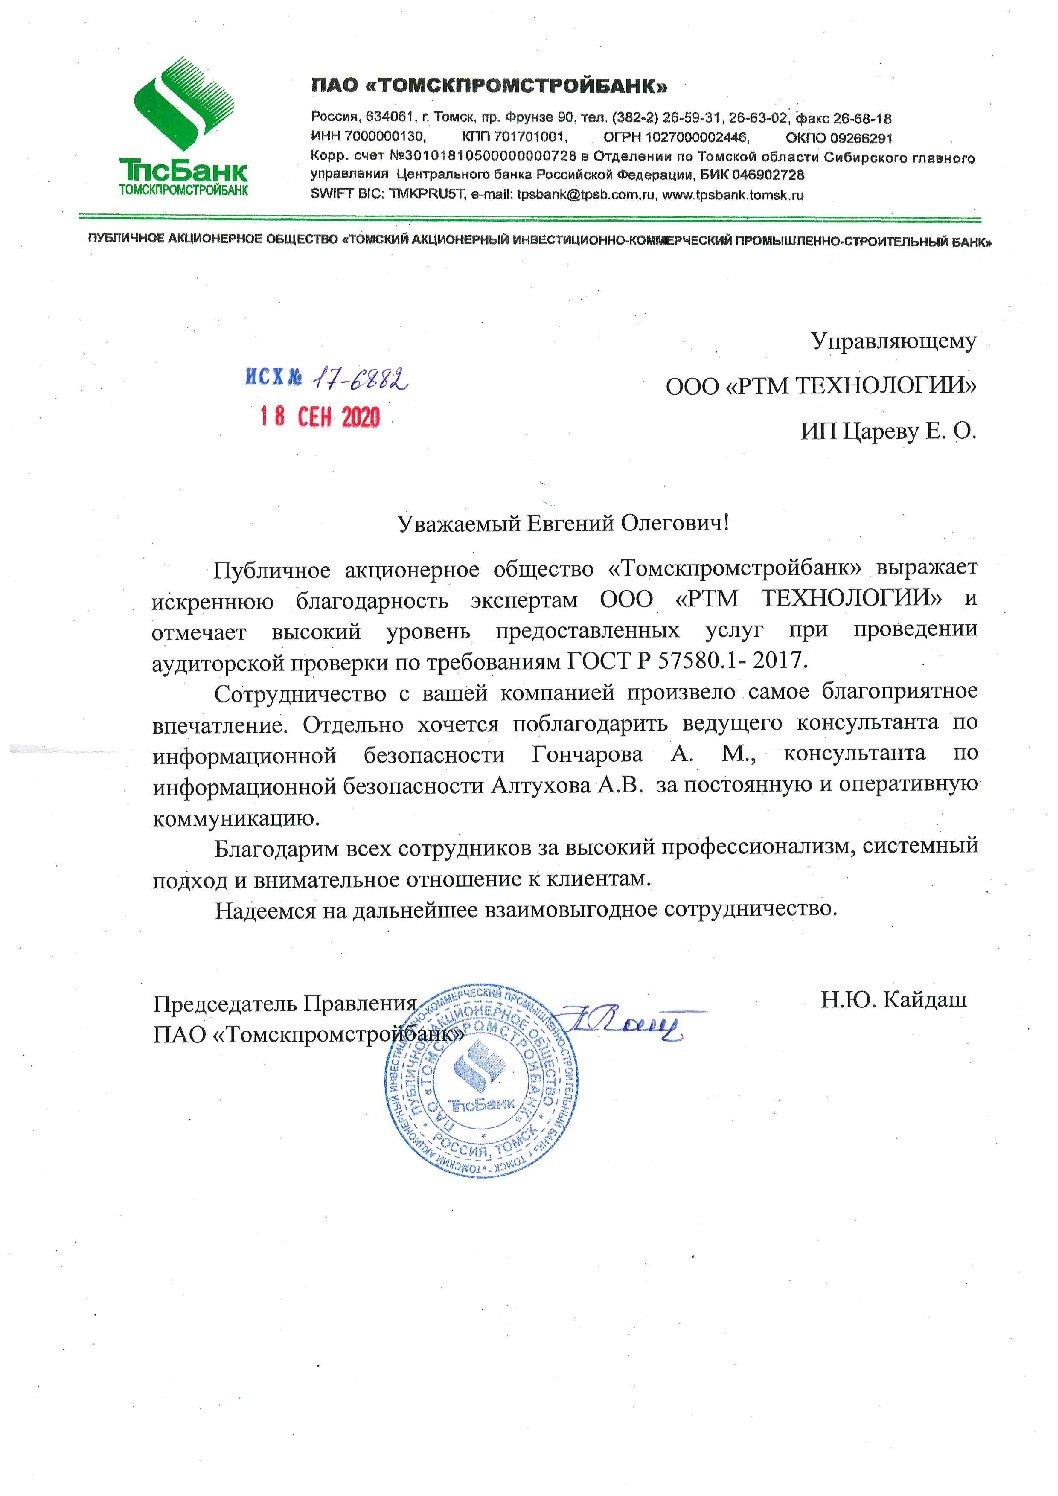 благодарственное письмо от ПАО «Томскпромстройбанк»